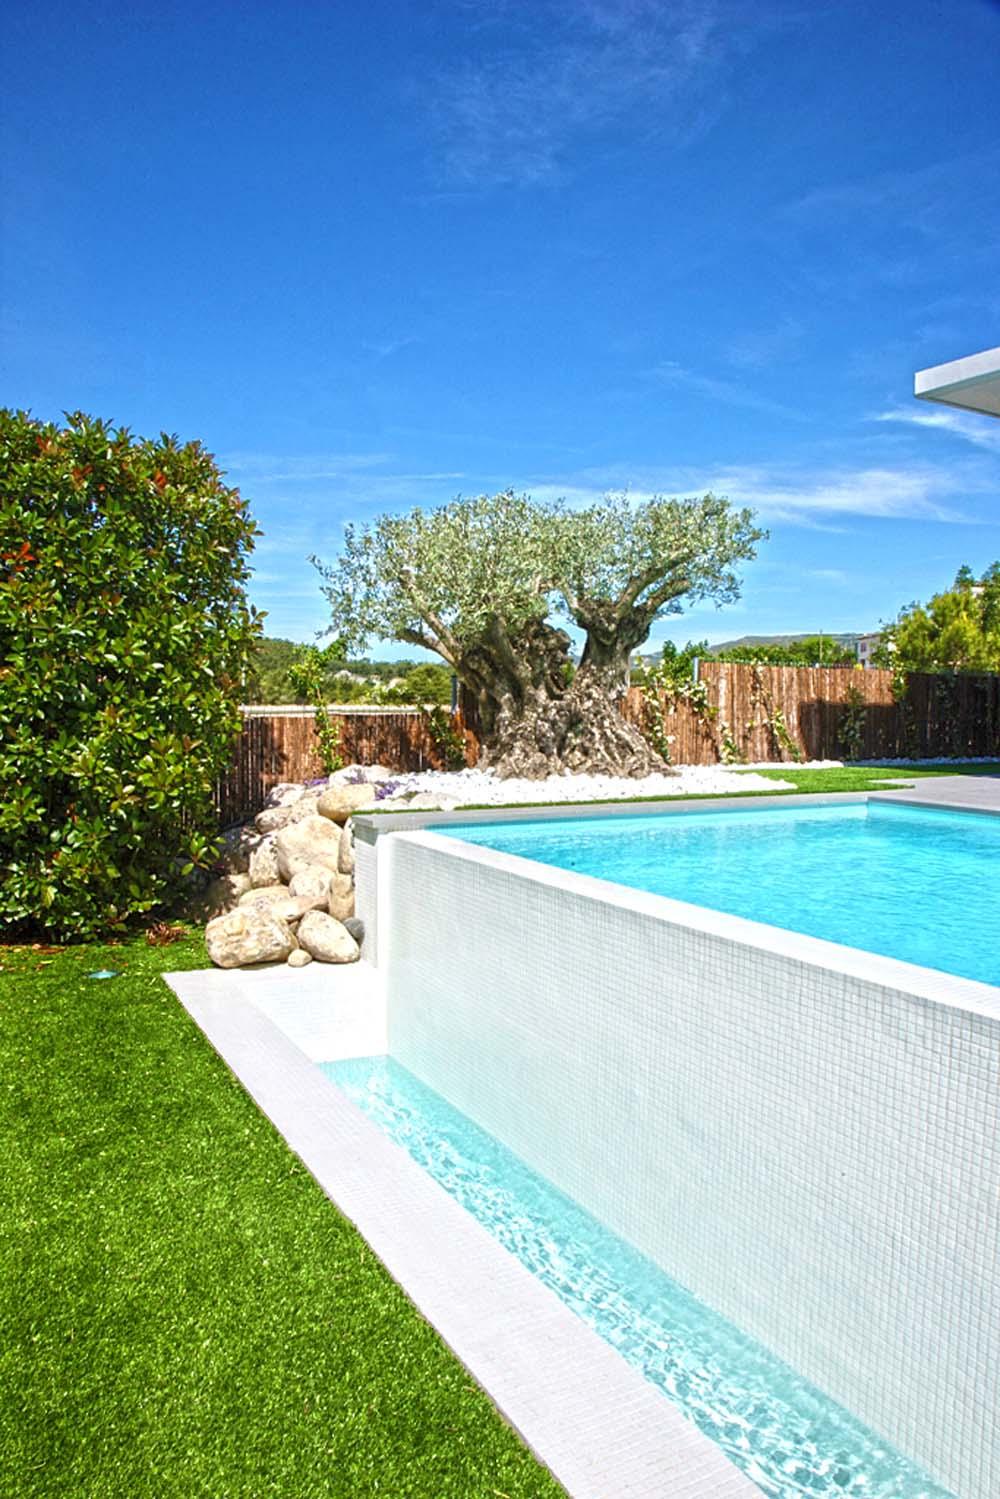 Galer a piscinas de obra piscina plus for Fotos de piscinas de obra